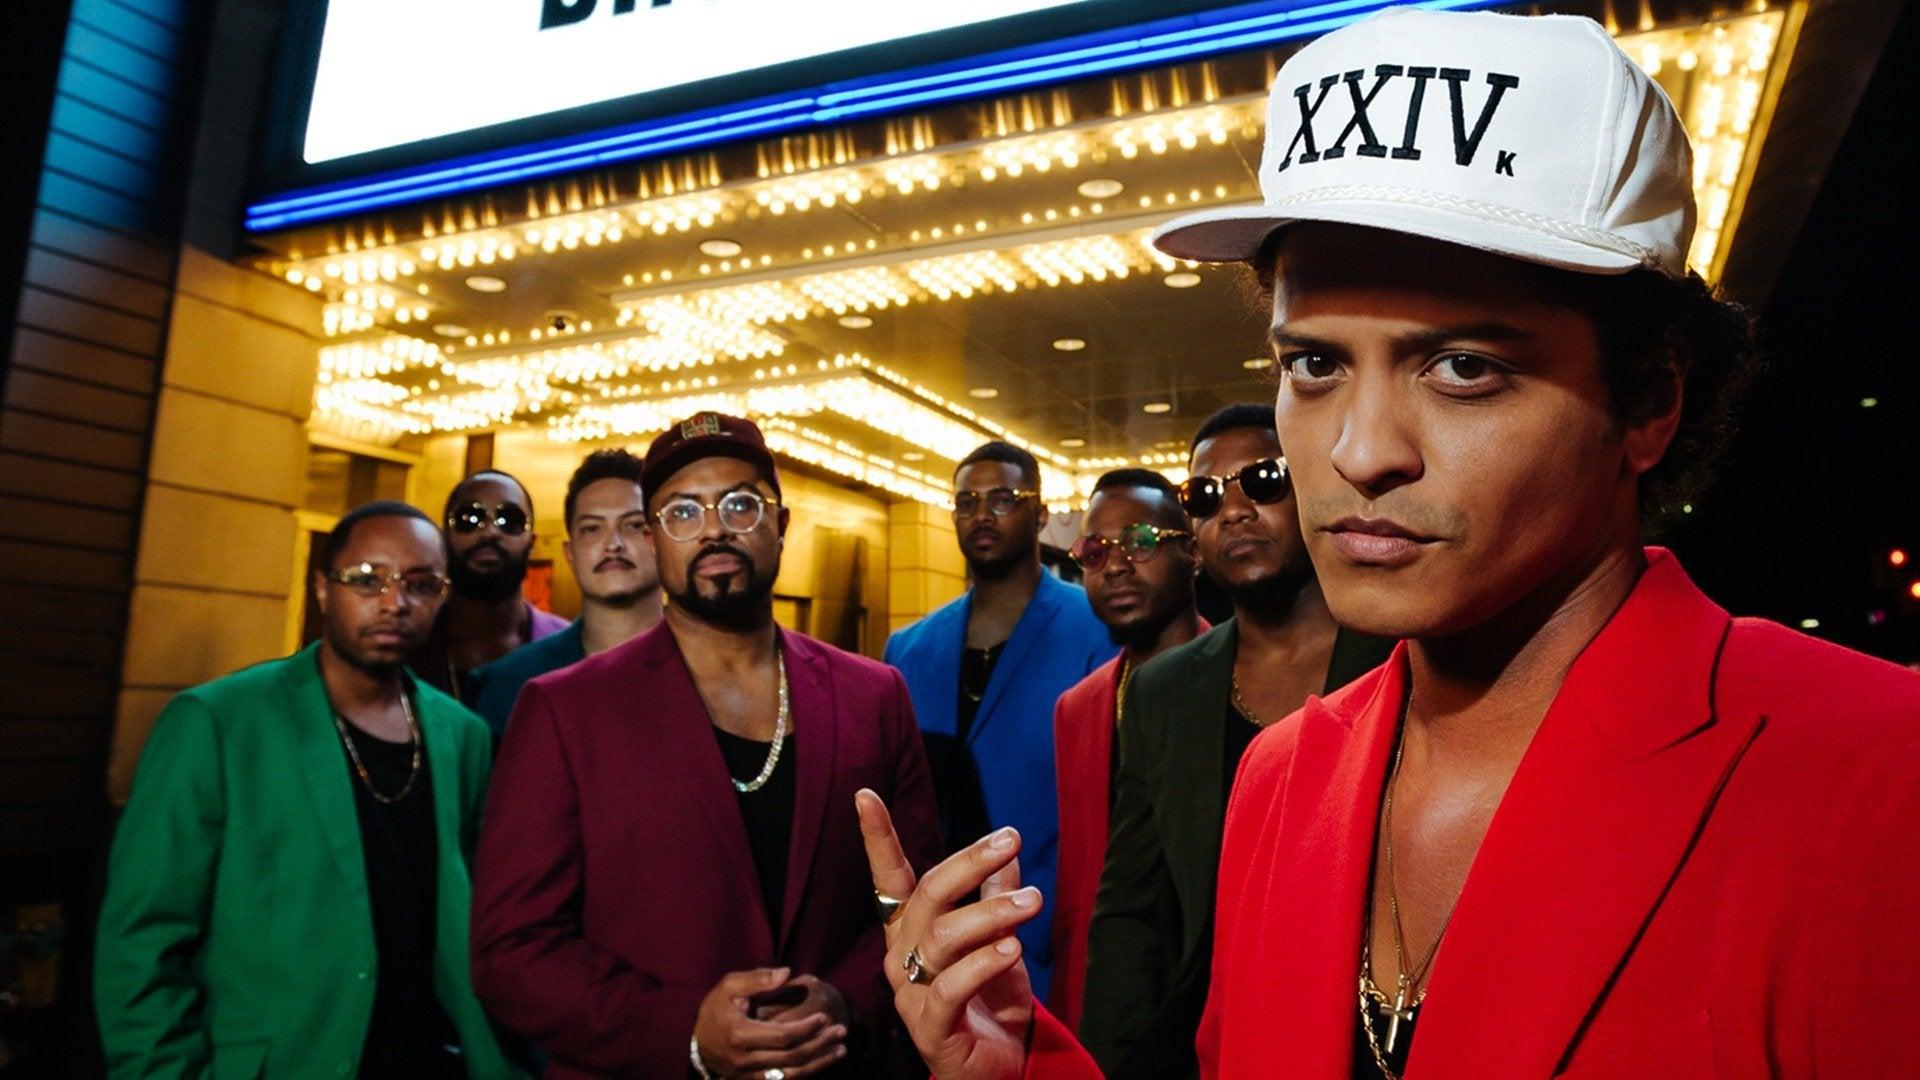 Bruno Mars: 24K Magic Live at the Apollo